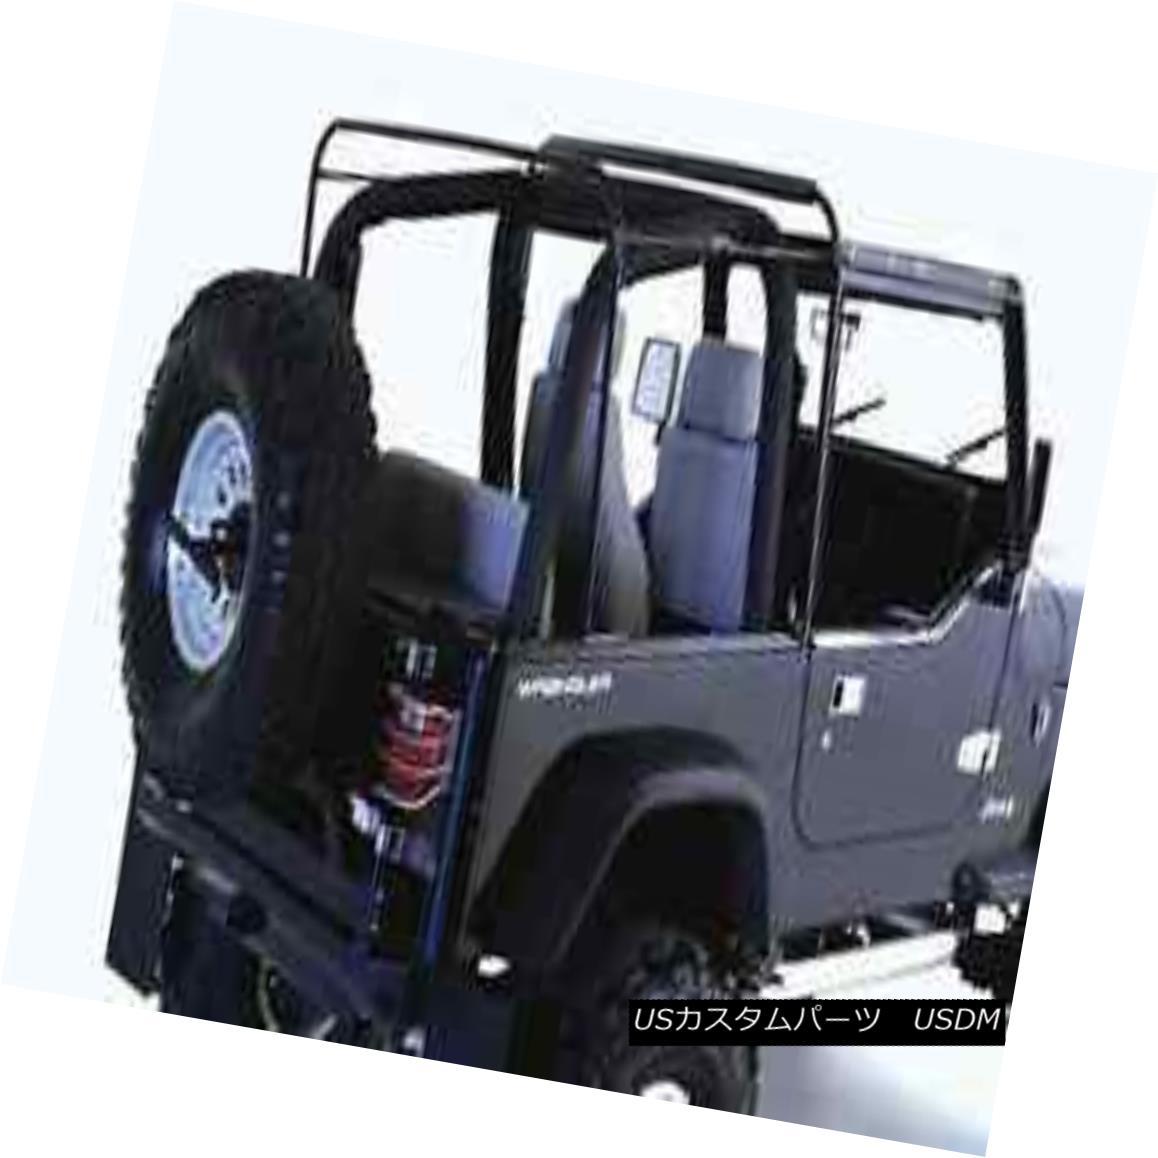 幌・ソフトトップ Rampage 69999 Replacement Soft Top Bow & Hardware for 87-95 Jeep Wrangler ランページュ69999交換用ソフトトップボウ& 87-95ジープラングラーのハードウェア